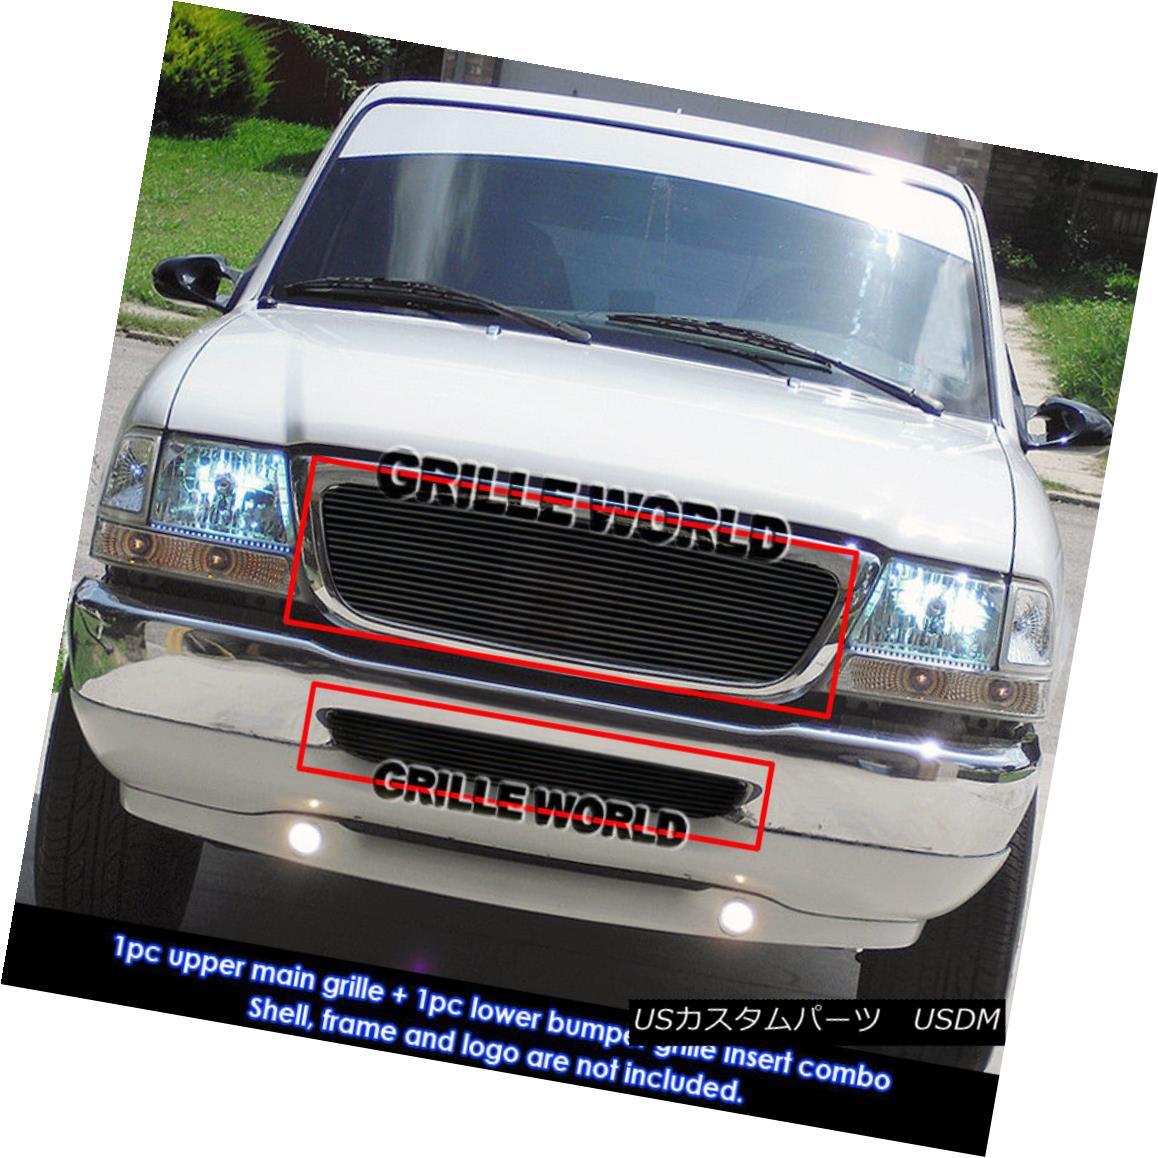 グリル For 98-00 Ford Ranger Black Billet Grille Combo Insert 98-00 For Ford Ranger Black Billet Grilleコンボインサート